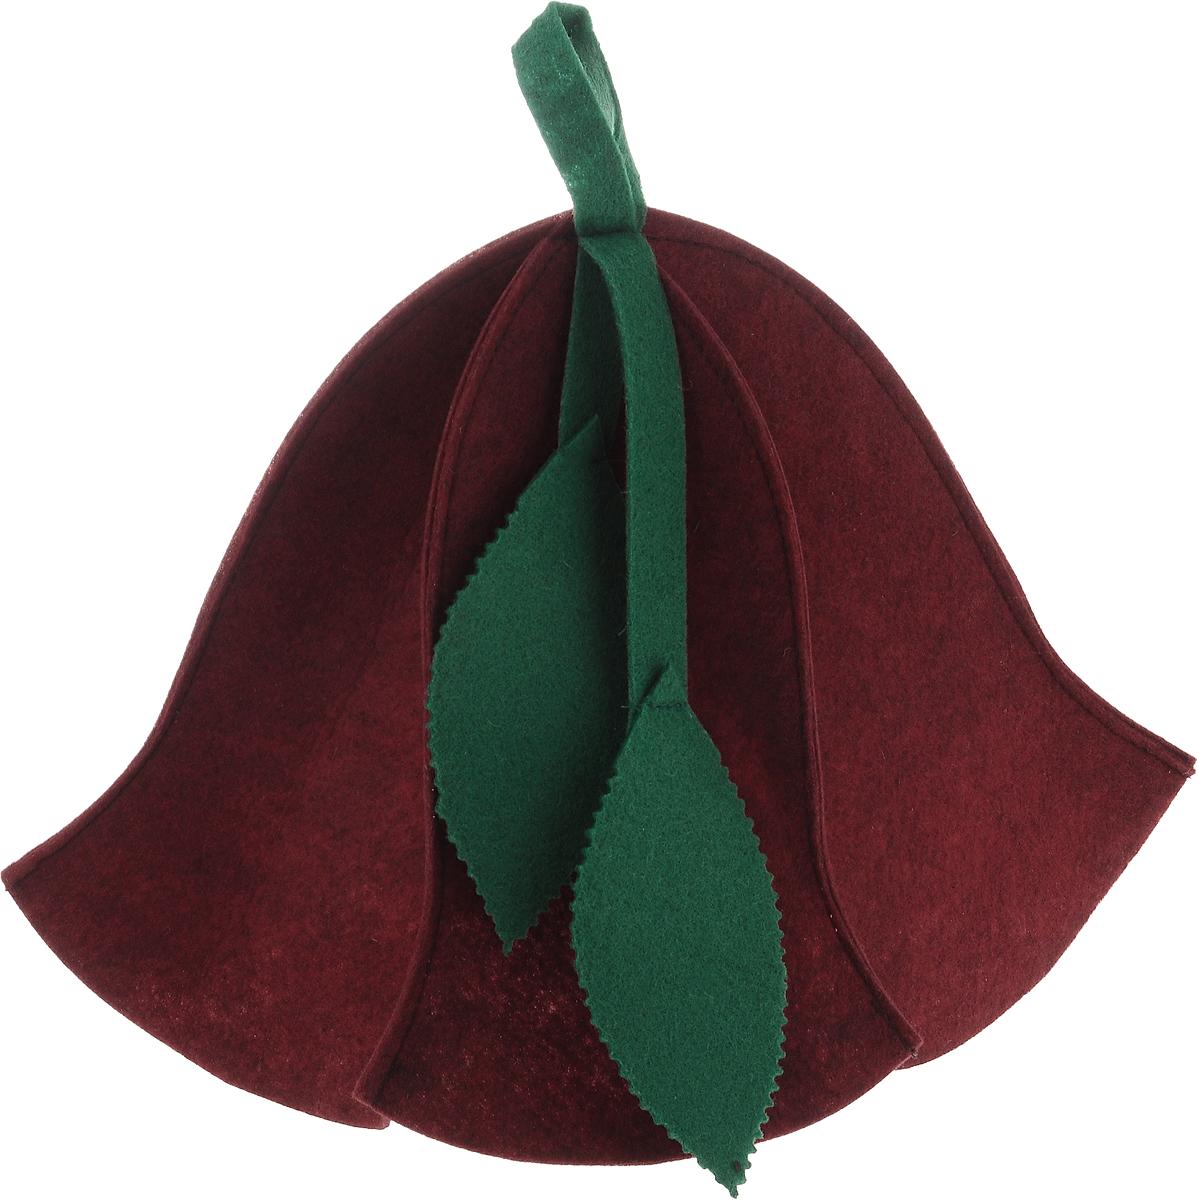 Шапка для бани и сауны Доктор баня Вьюнок, цвет: красныйNLED-410-1W-YШапка для бани и сауны Доктор баня Вьюнок изготовлена из фильца (100% полиэстер) - нетканого полотна. Это незаменимый аксессуар для любителей попариться в русской бане и для тех, кто предпочитает сухой жар финской бани. Необычный дизайн изделия поможет сделать ваш отдых приятным и разнообразным, к тому же шапка защитит вас от головокружения в парилке, ваши волосы - от сухости и ломкости, а голову - от перегрева.Такая шапка станет отличным подарком для любителей отдыха в бане или сауне.Диаметр основания шапки: 31 см. Высота шапки: 26 см.